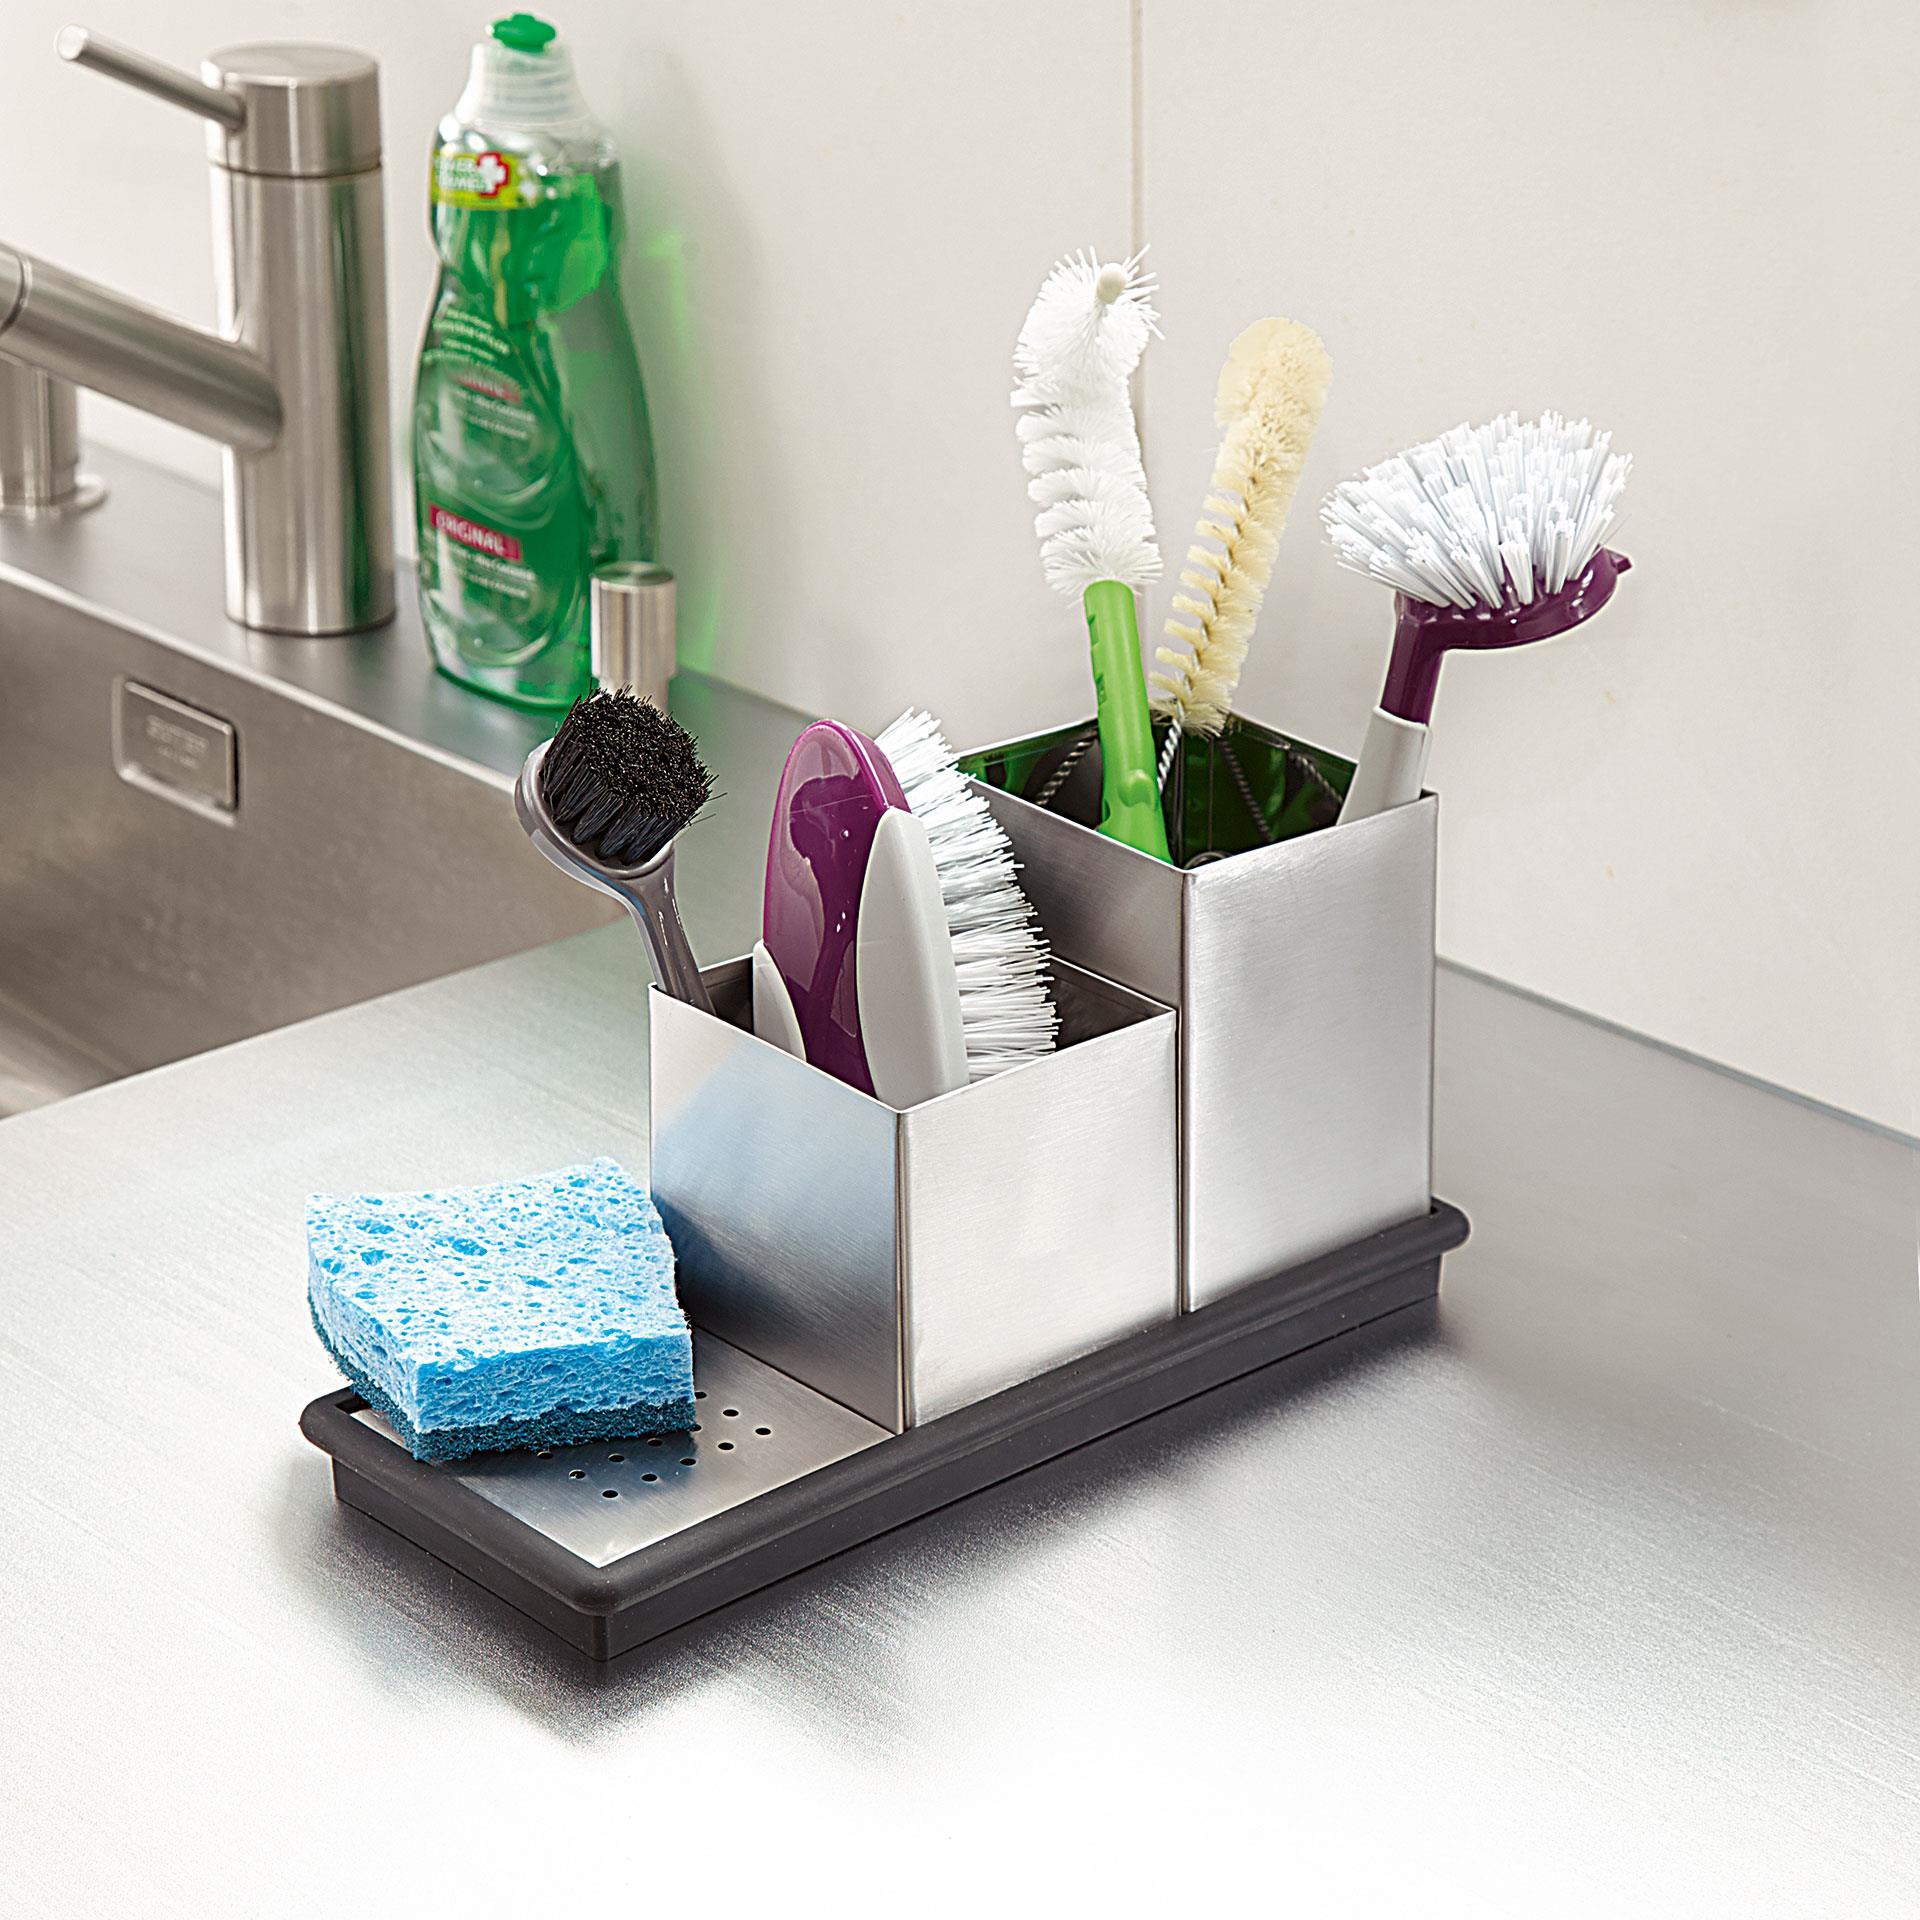 Küchen Design Organizer